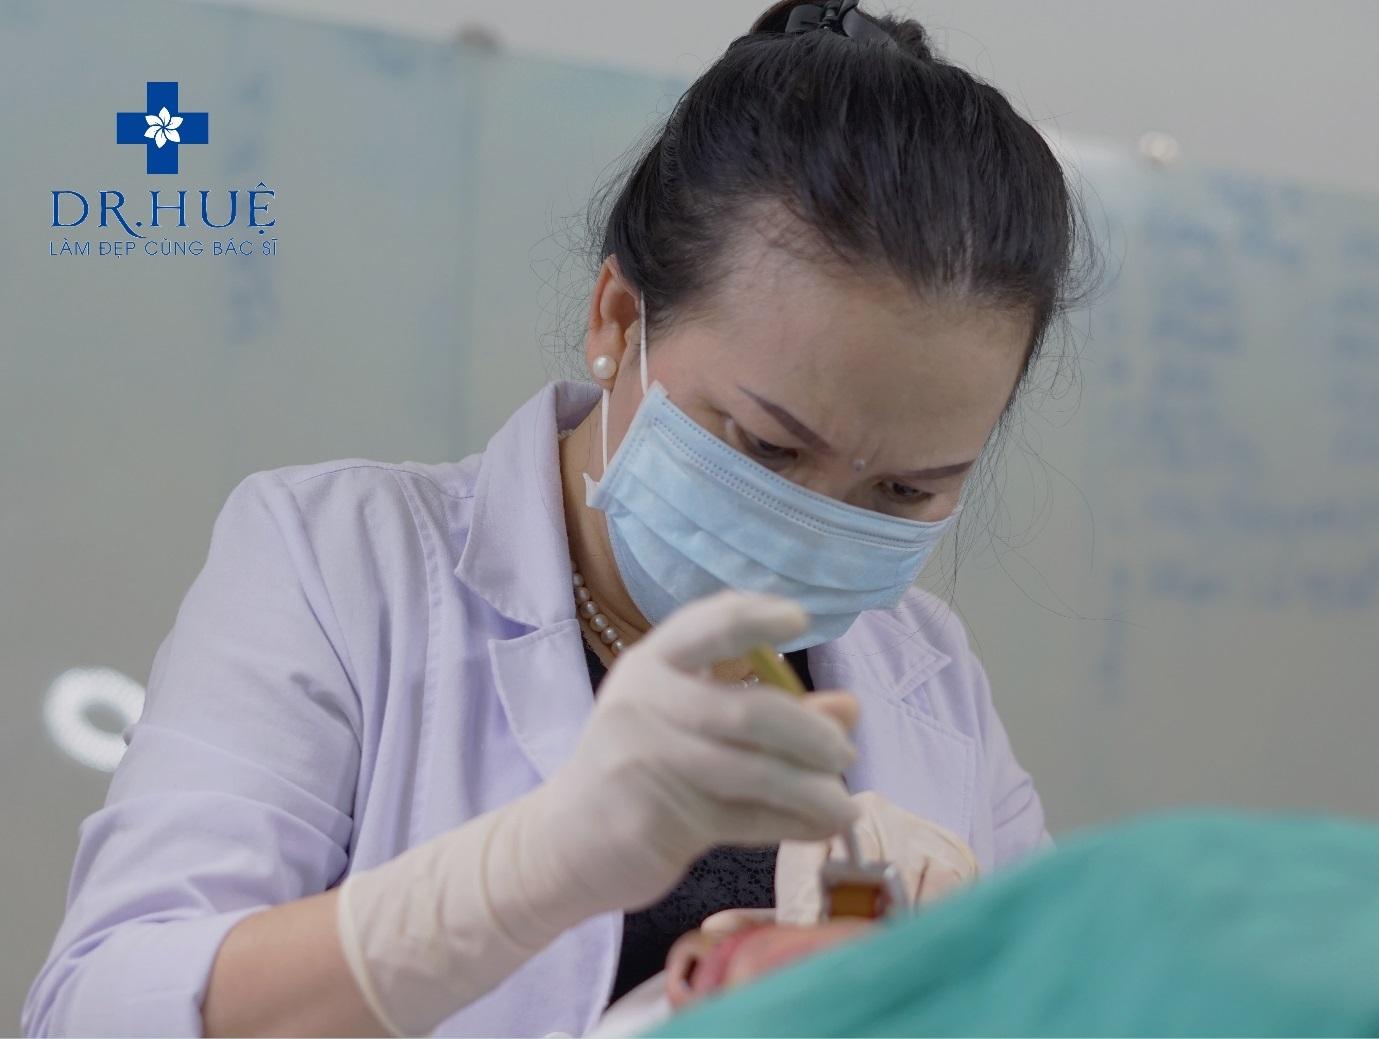 Bí kíp trị sẹo rỗ 2017 – không thực hiện ngay sẽ hối hận - Điều trị mụn Dr Huệ - Hình 4